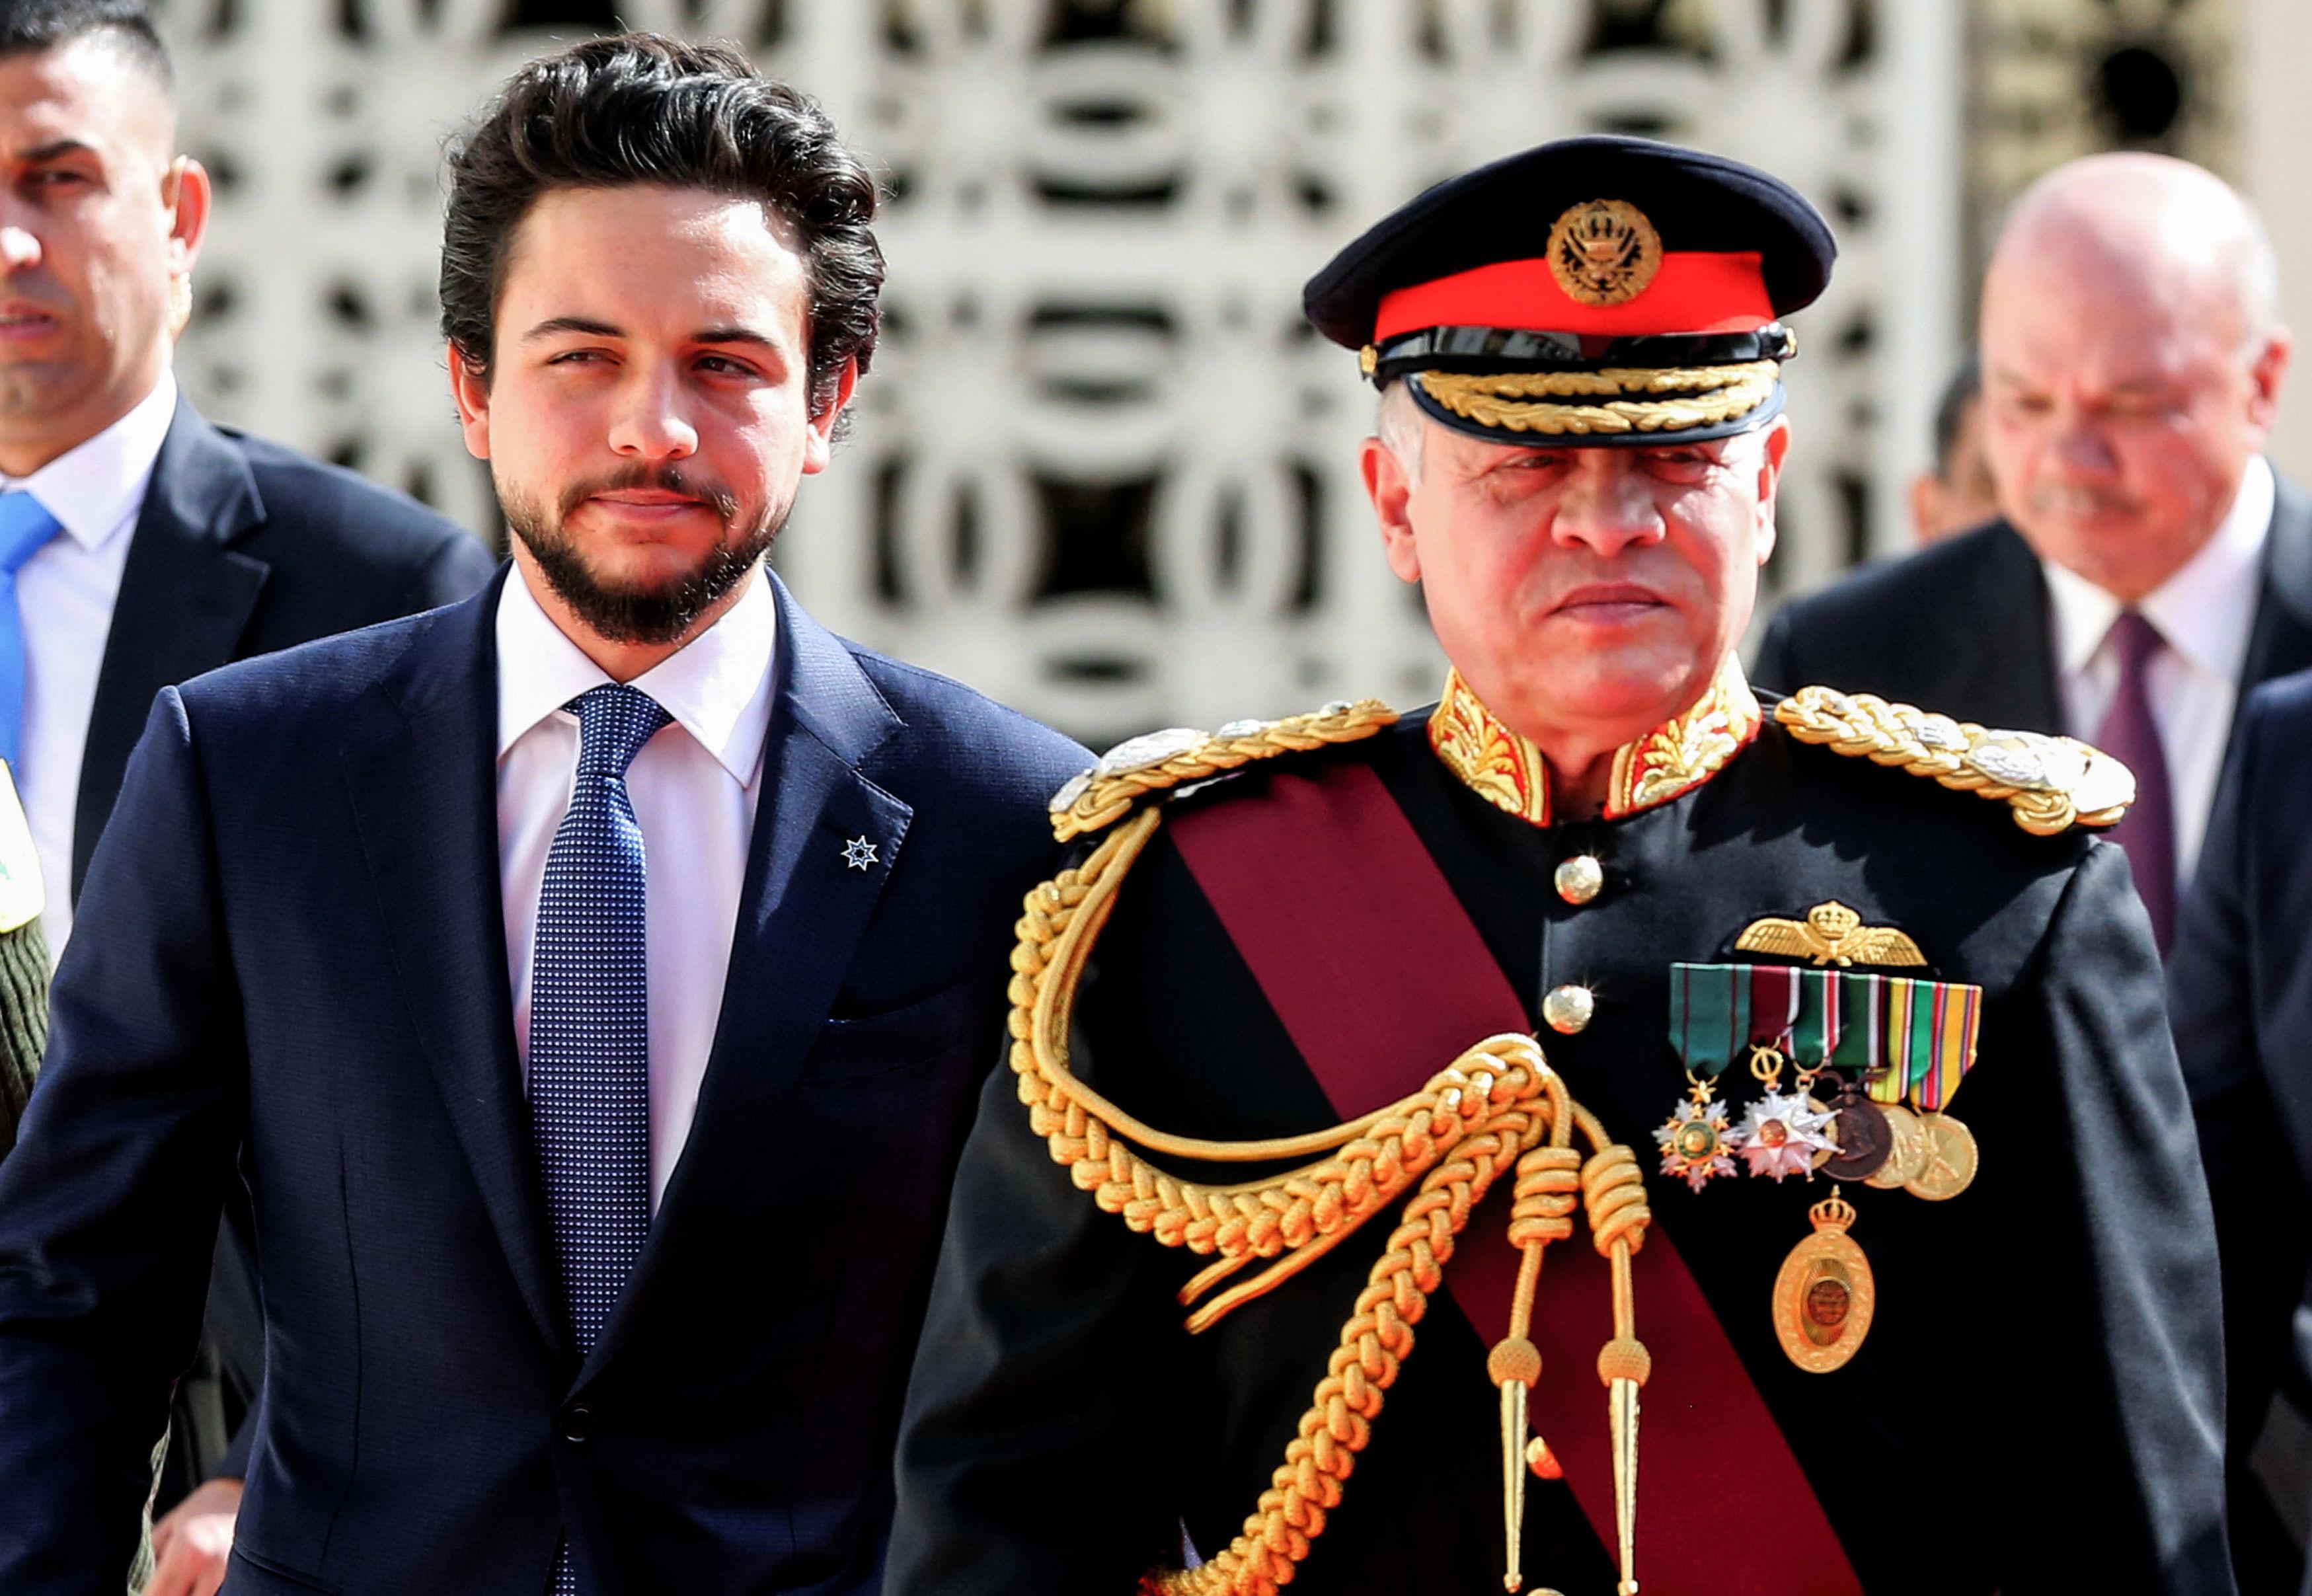 Король Иордании Абдалла II в сопровождении наследного принца Хусейна ибн Абдаллы II в Аммане. 23-летний сын короля Абдуллы и королевы Рании также является звездой в Instagram с более чем 1,4 миллионами подписчиков. Принц любит футбол и скалолазание. После смерти отца Хусейн ибн Абдалла станет королем своей страны, являясь первым в очереди престолонаследования.